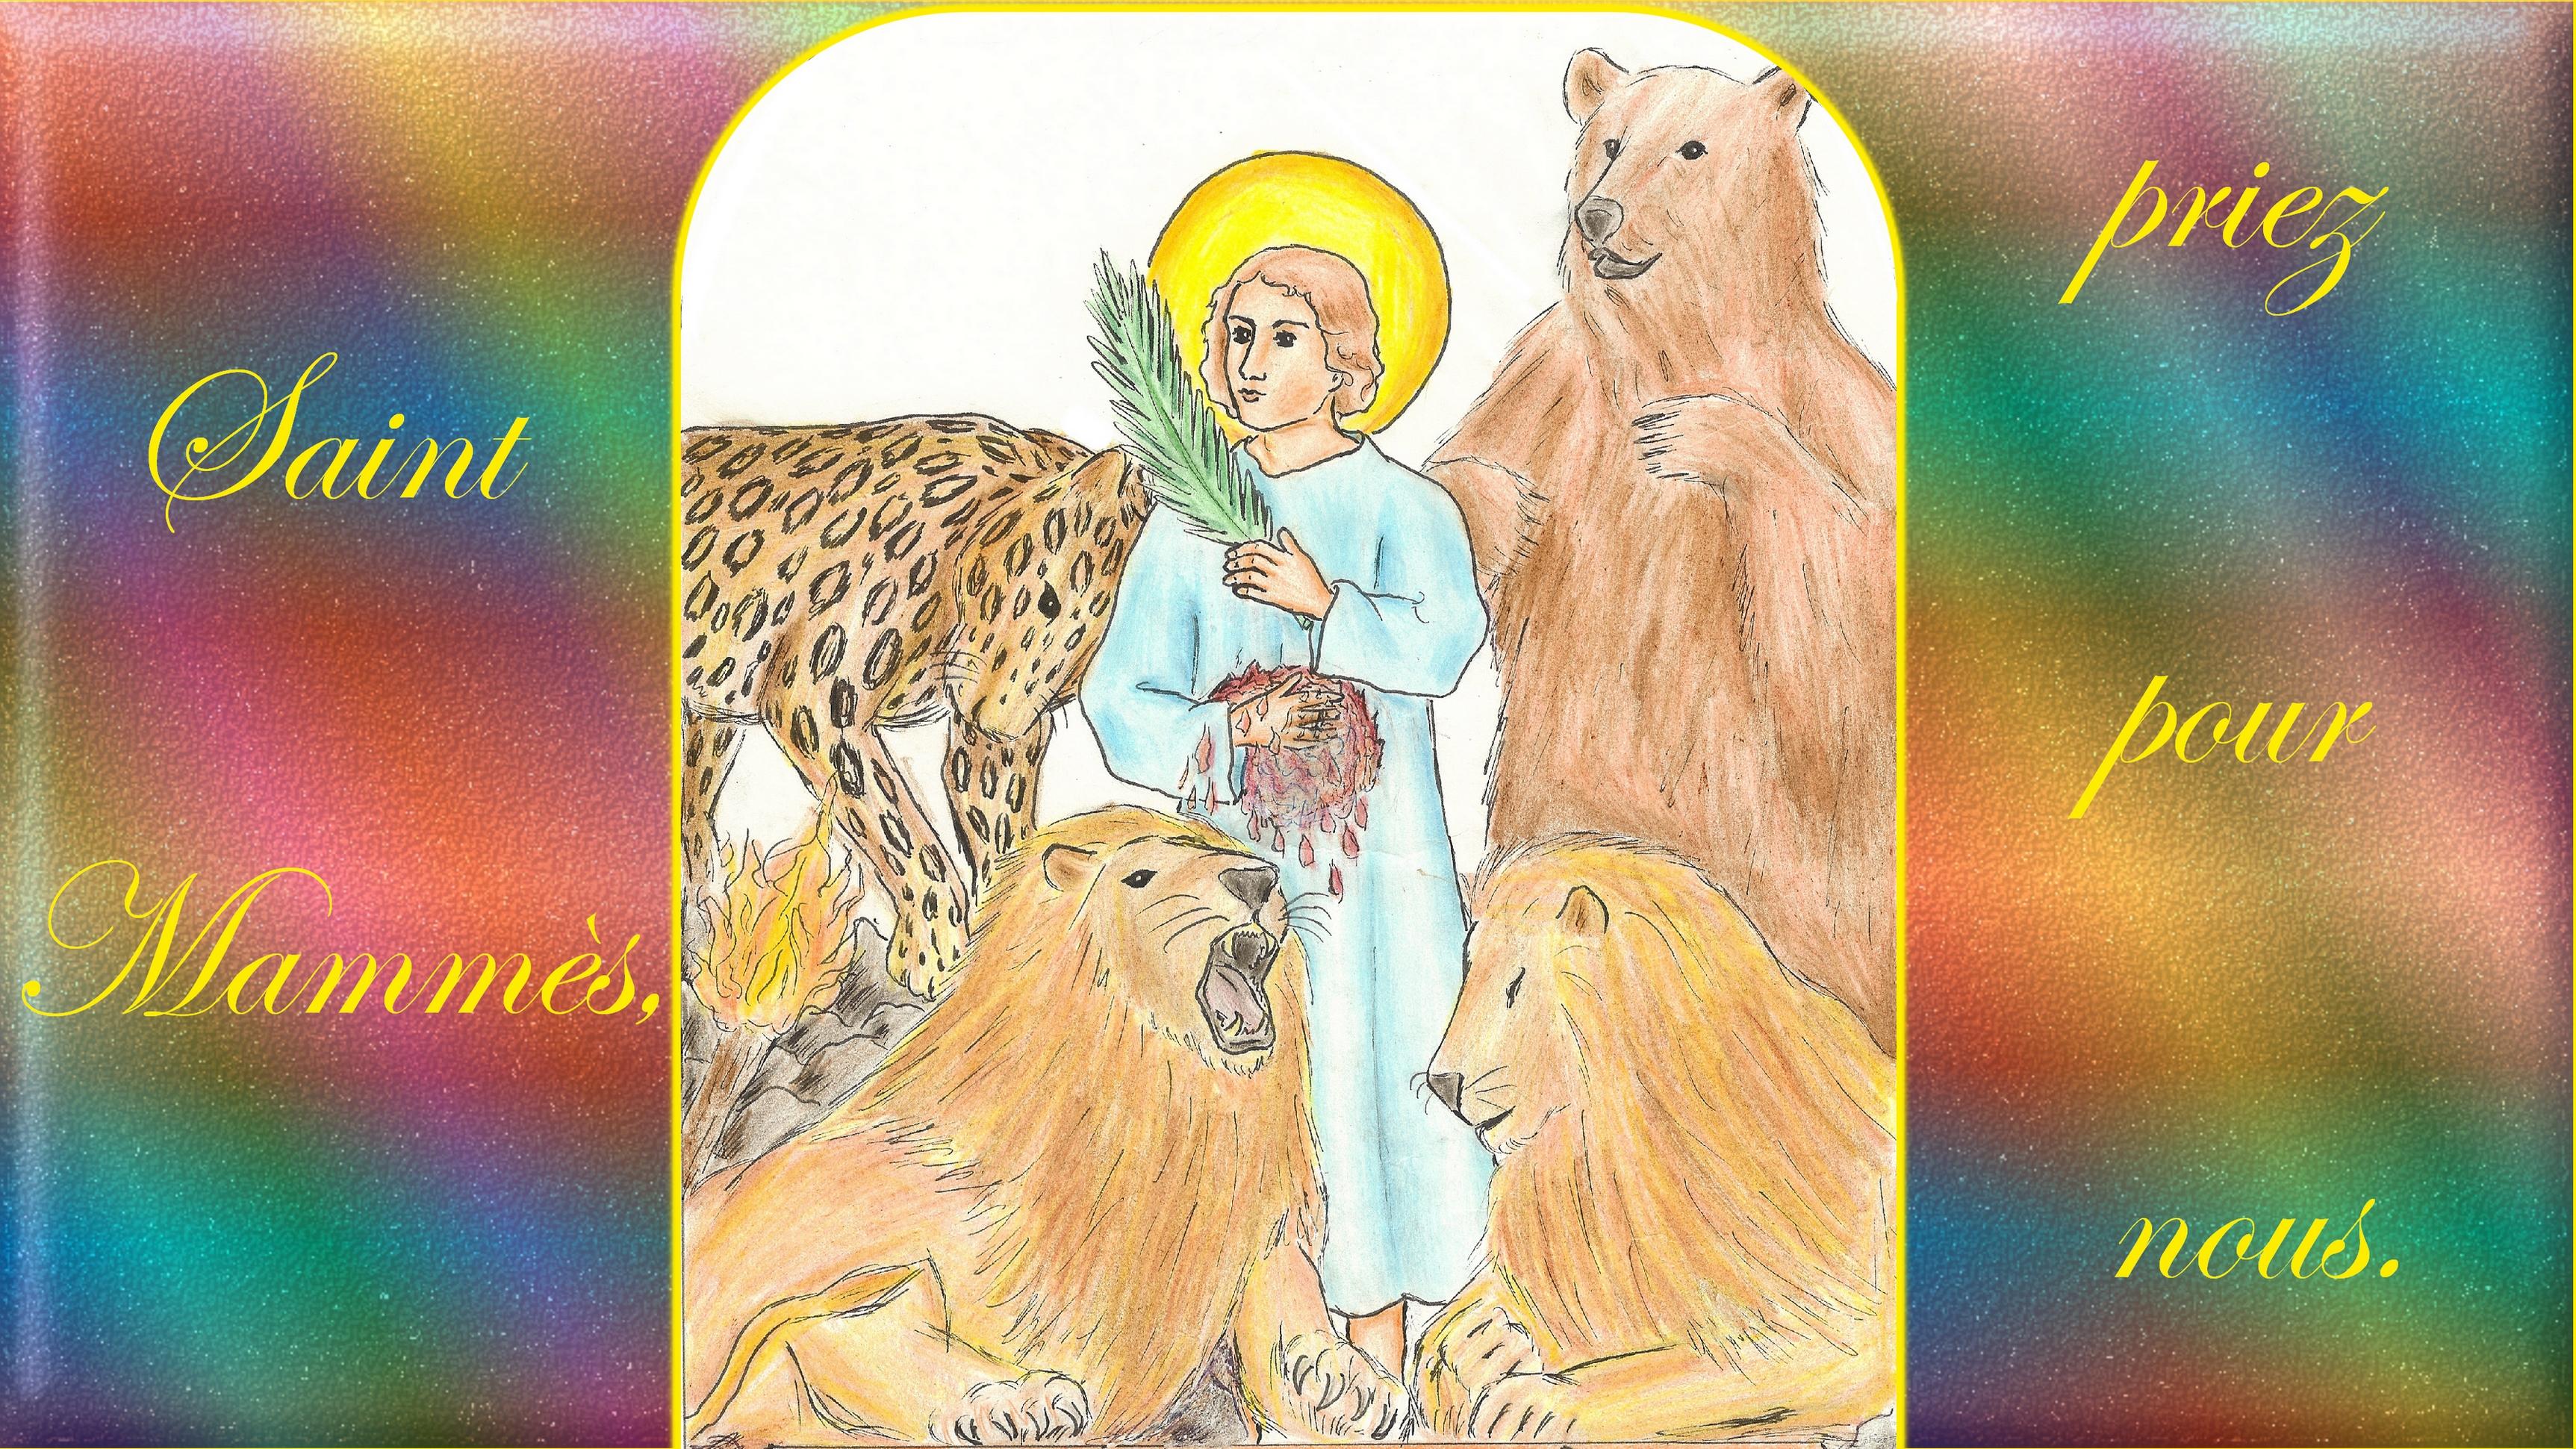 CALENDRIER CATHOLIQUE 2019 (Cantiques, Prières & Images) - Page 6 St-mamm-s-567961e